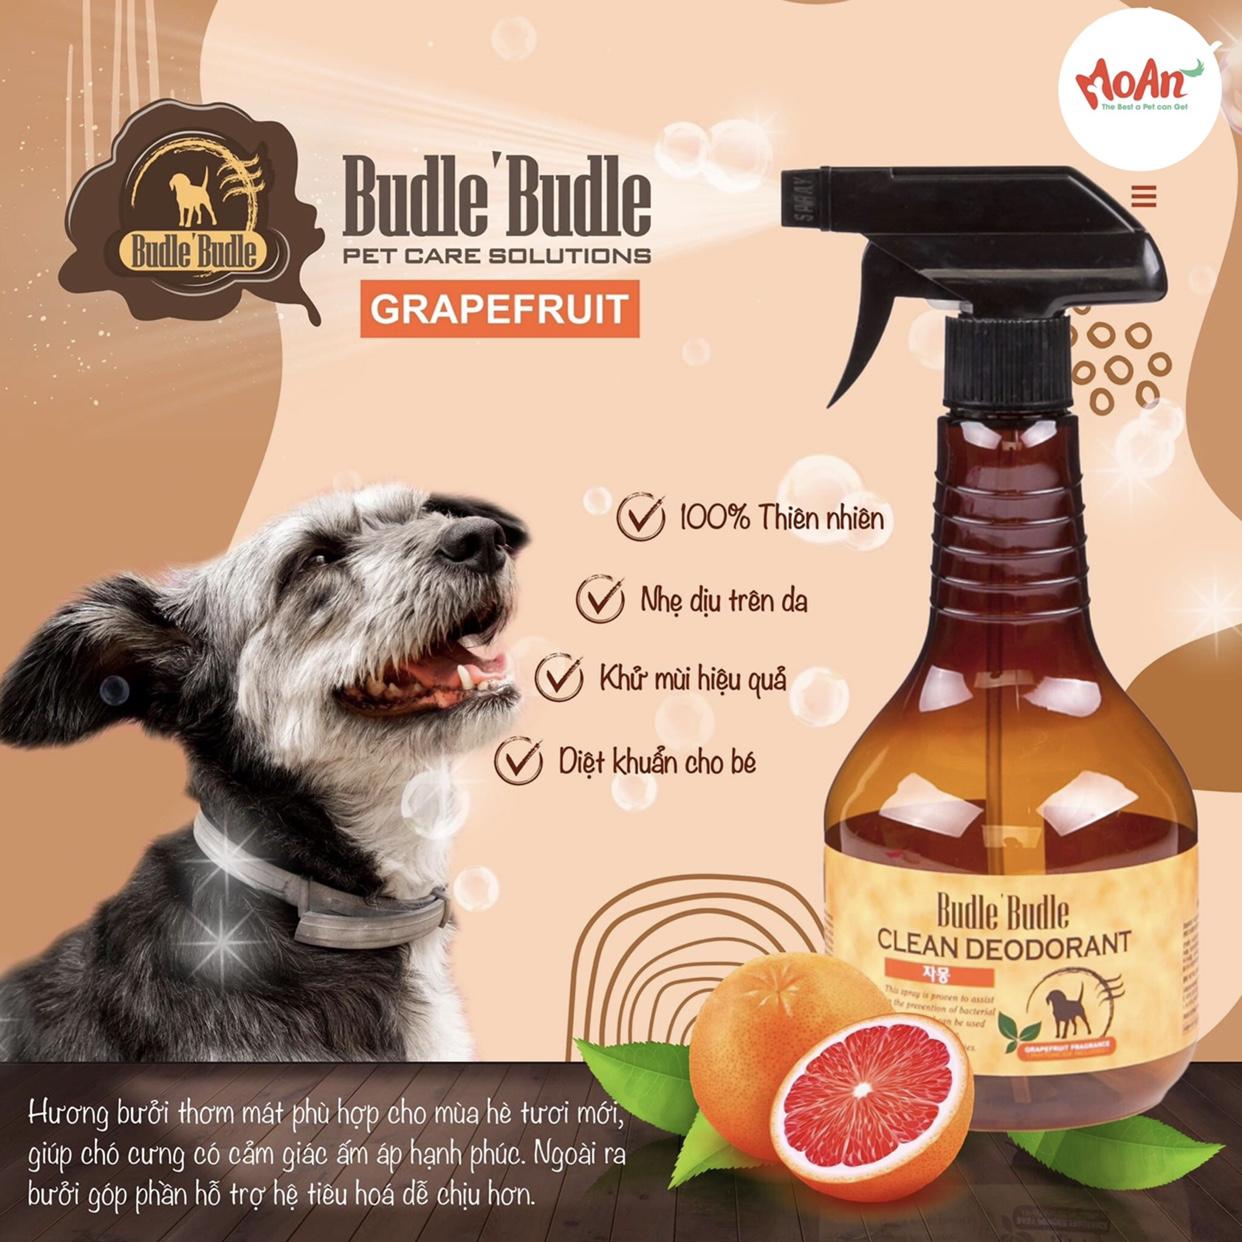 Xịt Budle'Budle Dưỡng lông [Mùi Grapefruit] 530ml